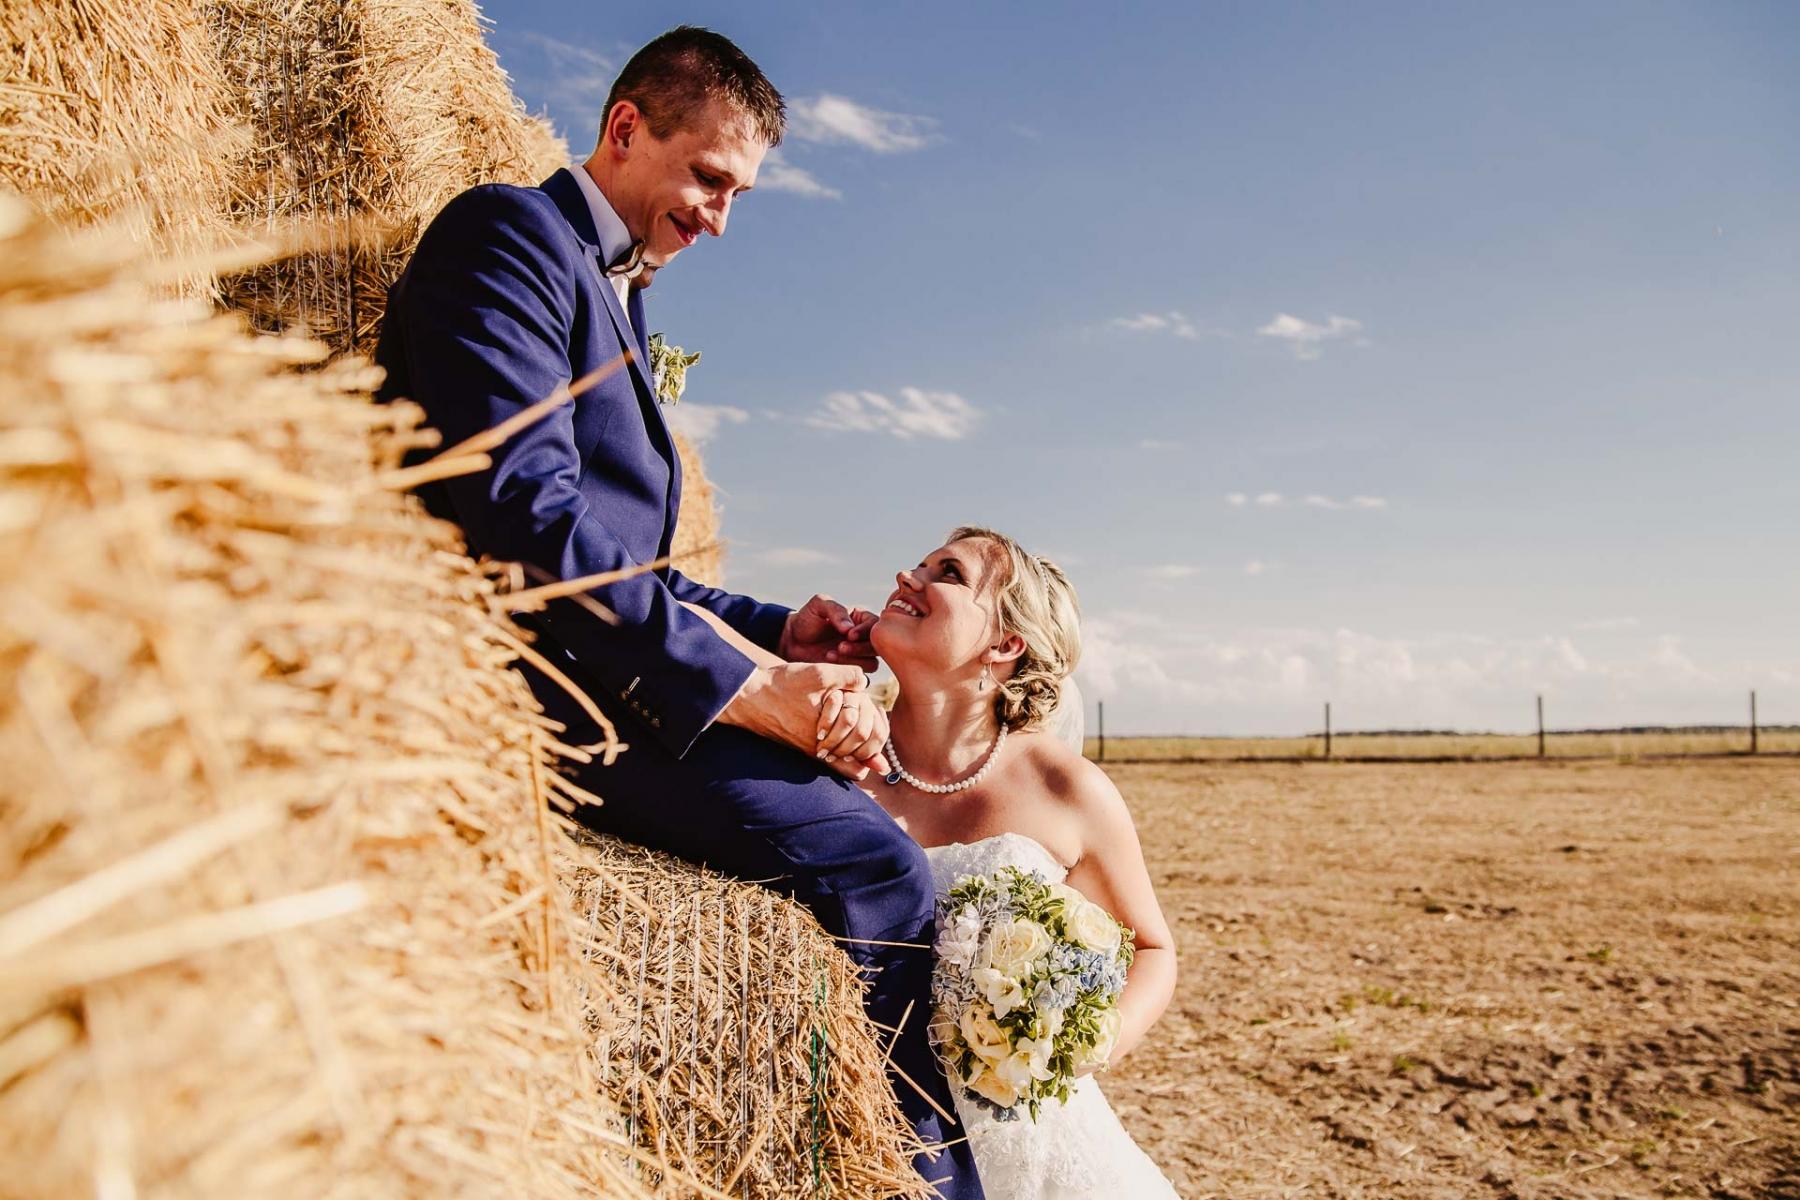 svatební fotograf zámek Mníšek pod Brdy, svatba na zámku, letní nejkrásnější zámecká svatba, Bára a Ondra-142